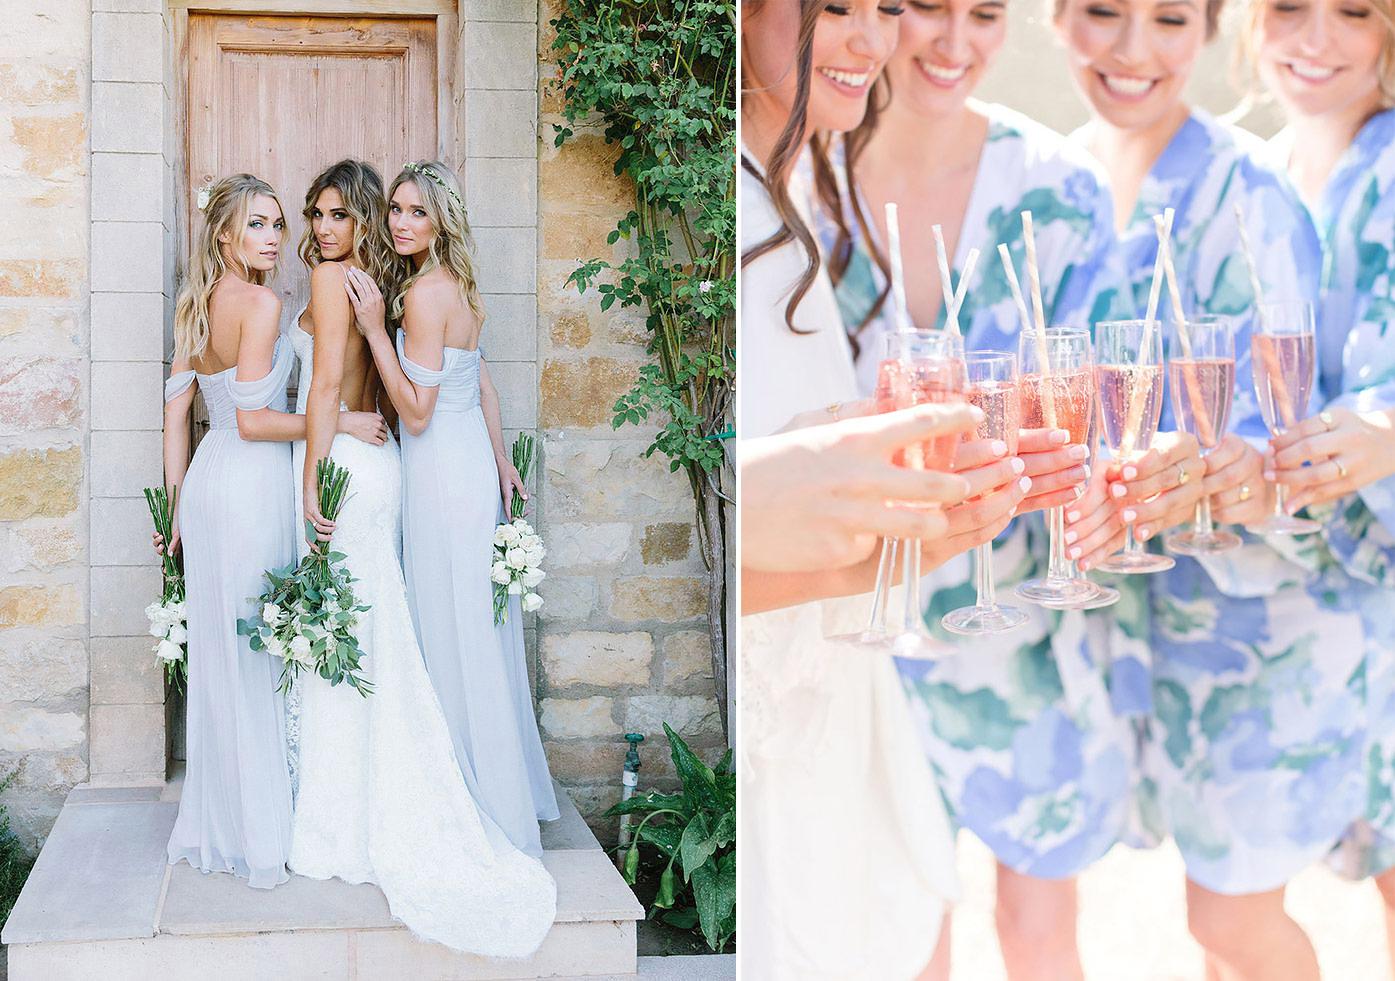 Красивое и простое поздравление на свадьбу подруге